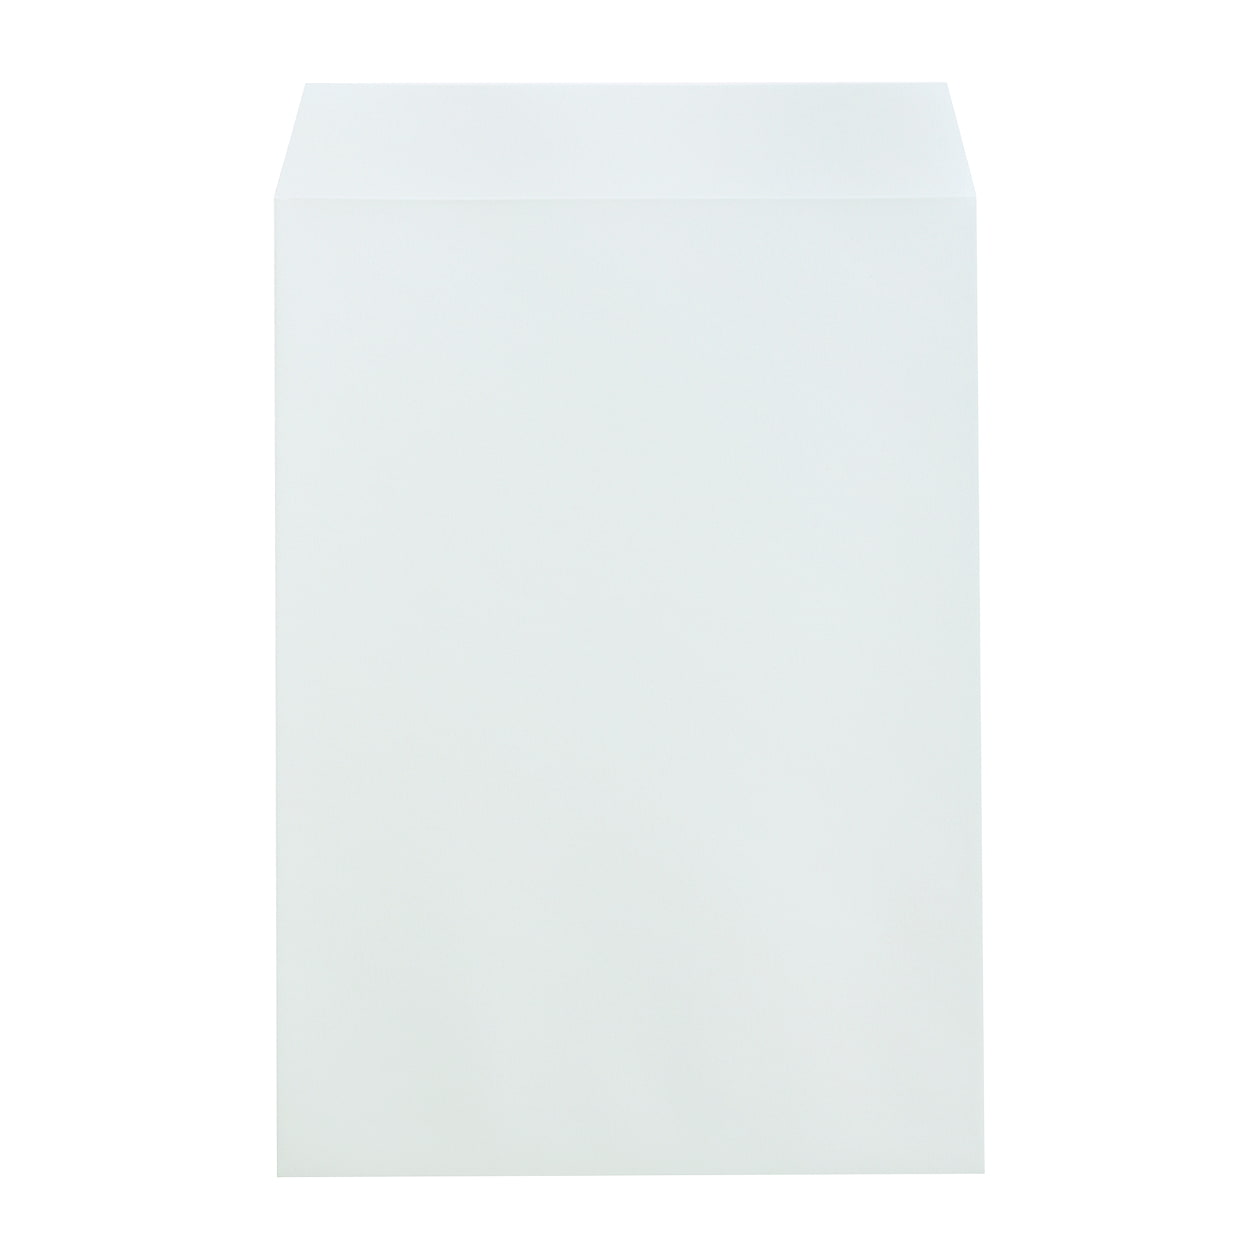 角2封筒 コットン ブルー 116.3g